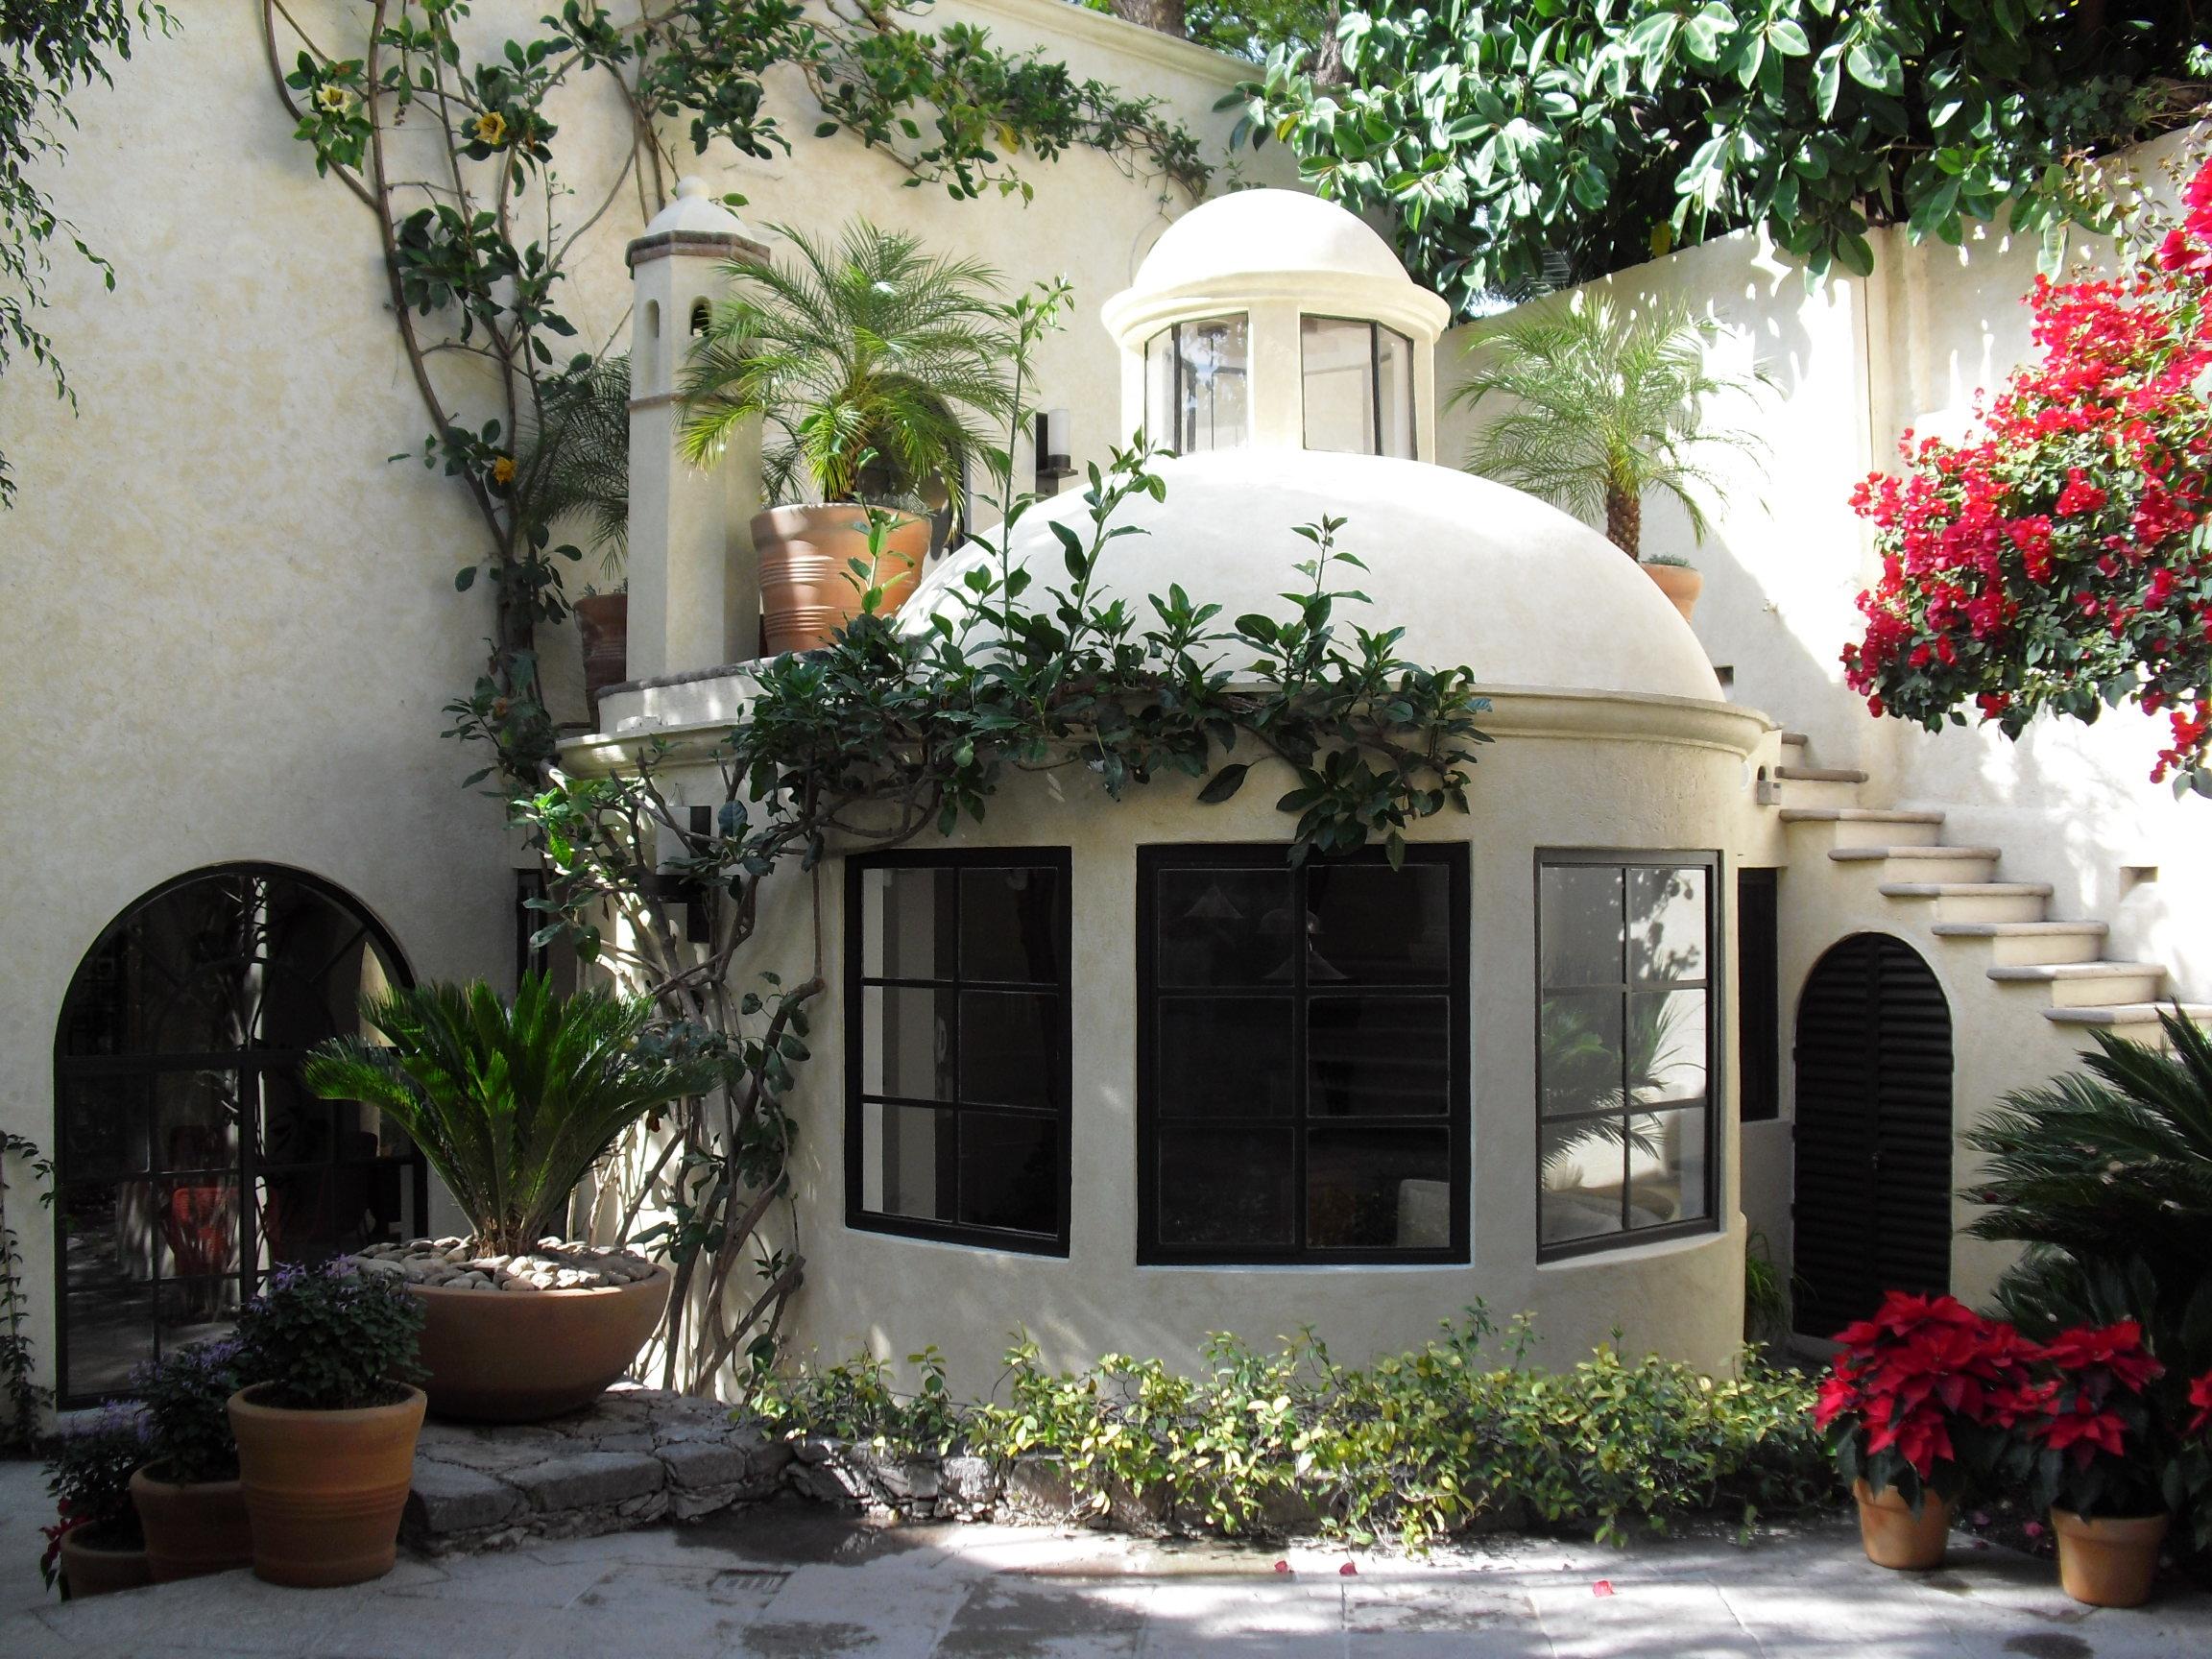 casadelaluz_22 exterior kitchen